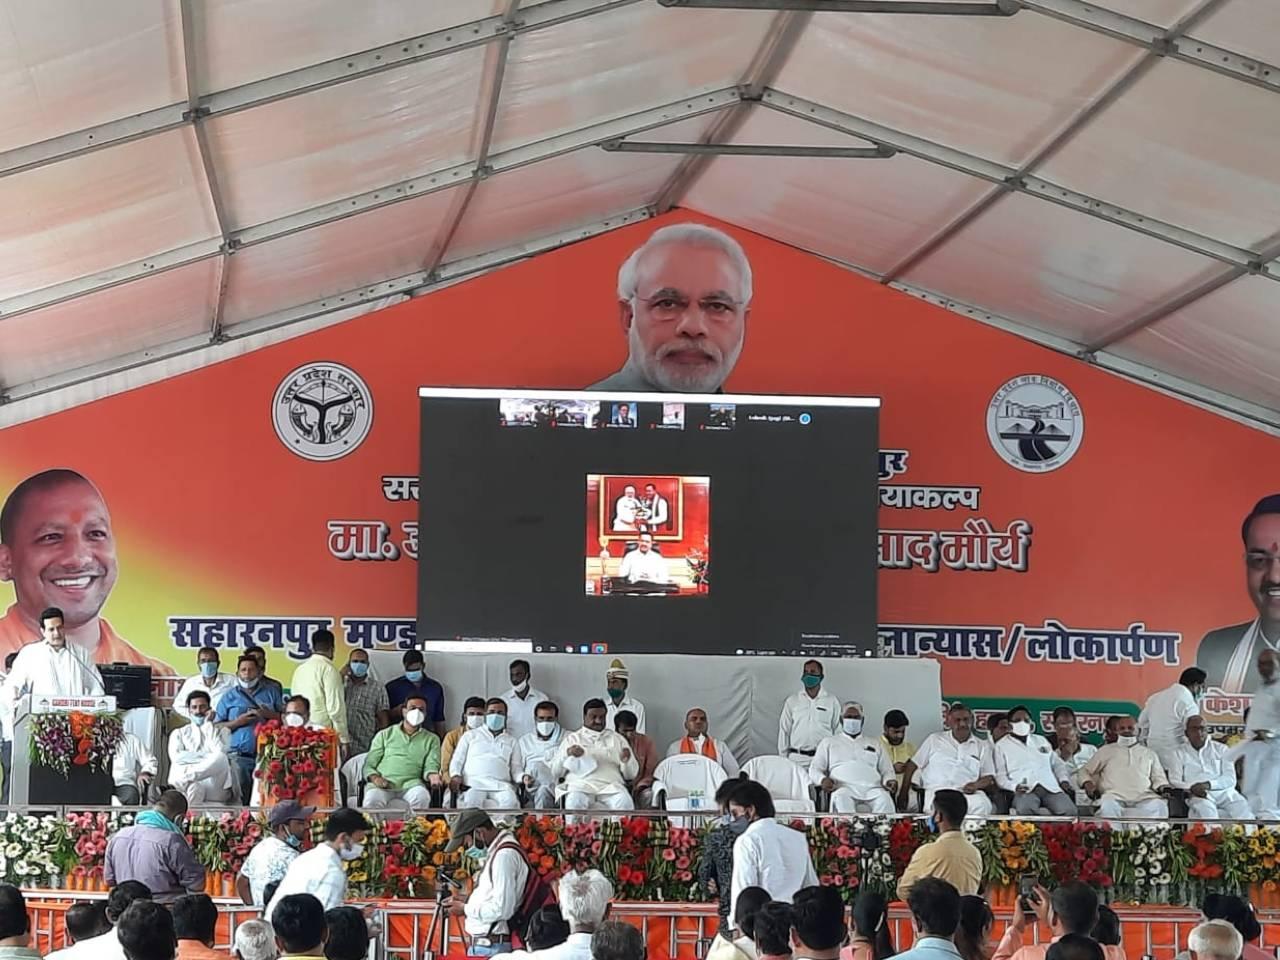 केशव प्रसाद मौर्य ने लखनऊ से वर्चुअल माध्यम से 809 करोड़ रुपए की 288 परियोजनाओं का किया लोकार्पण व शिलान्यास, हेलीकॉप्टर में खराबी के चलते दौरा किया रद्द सहारनपुर,Saharanpur - Dainik Bhaskar